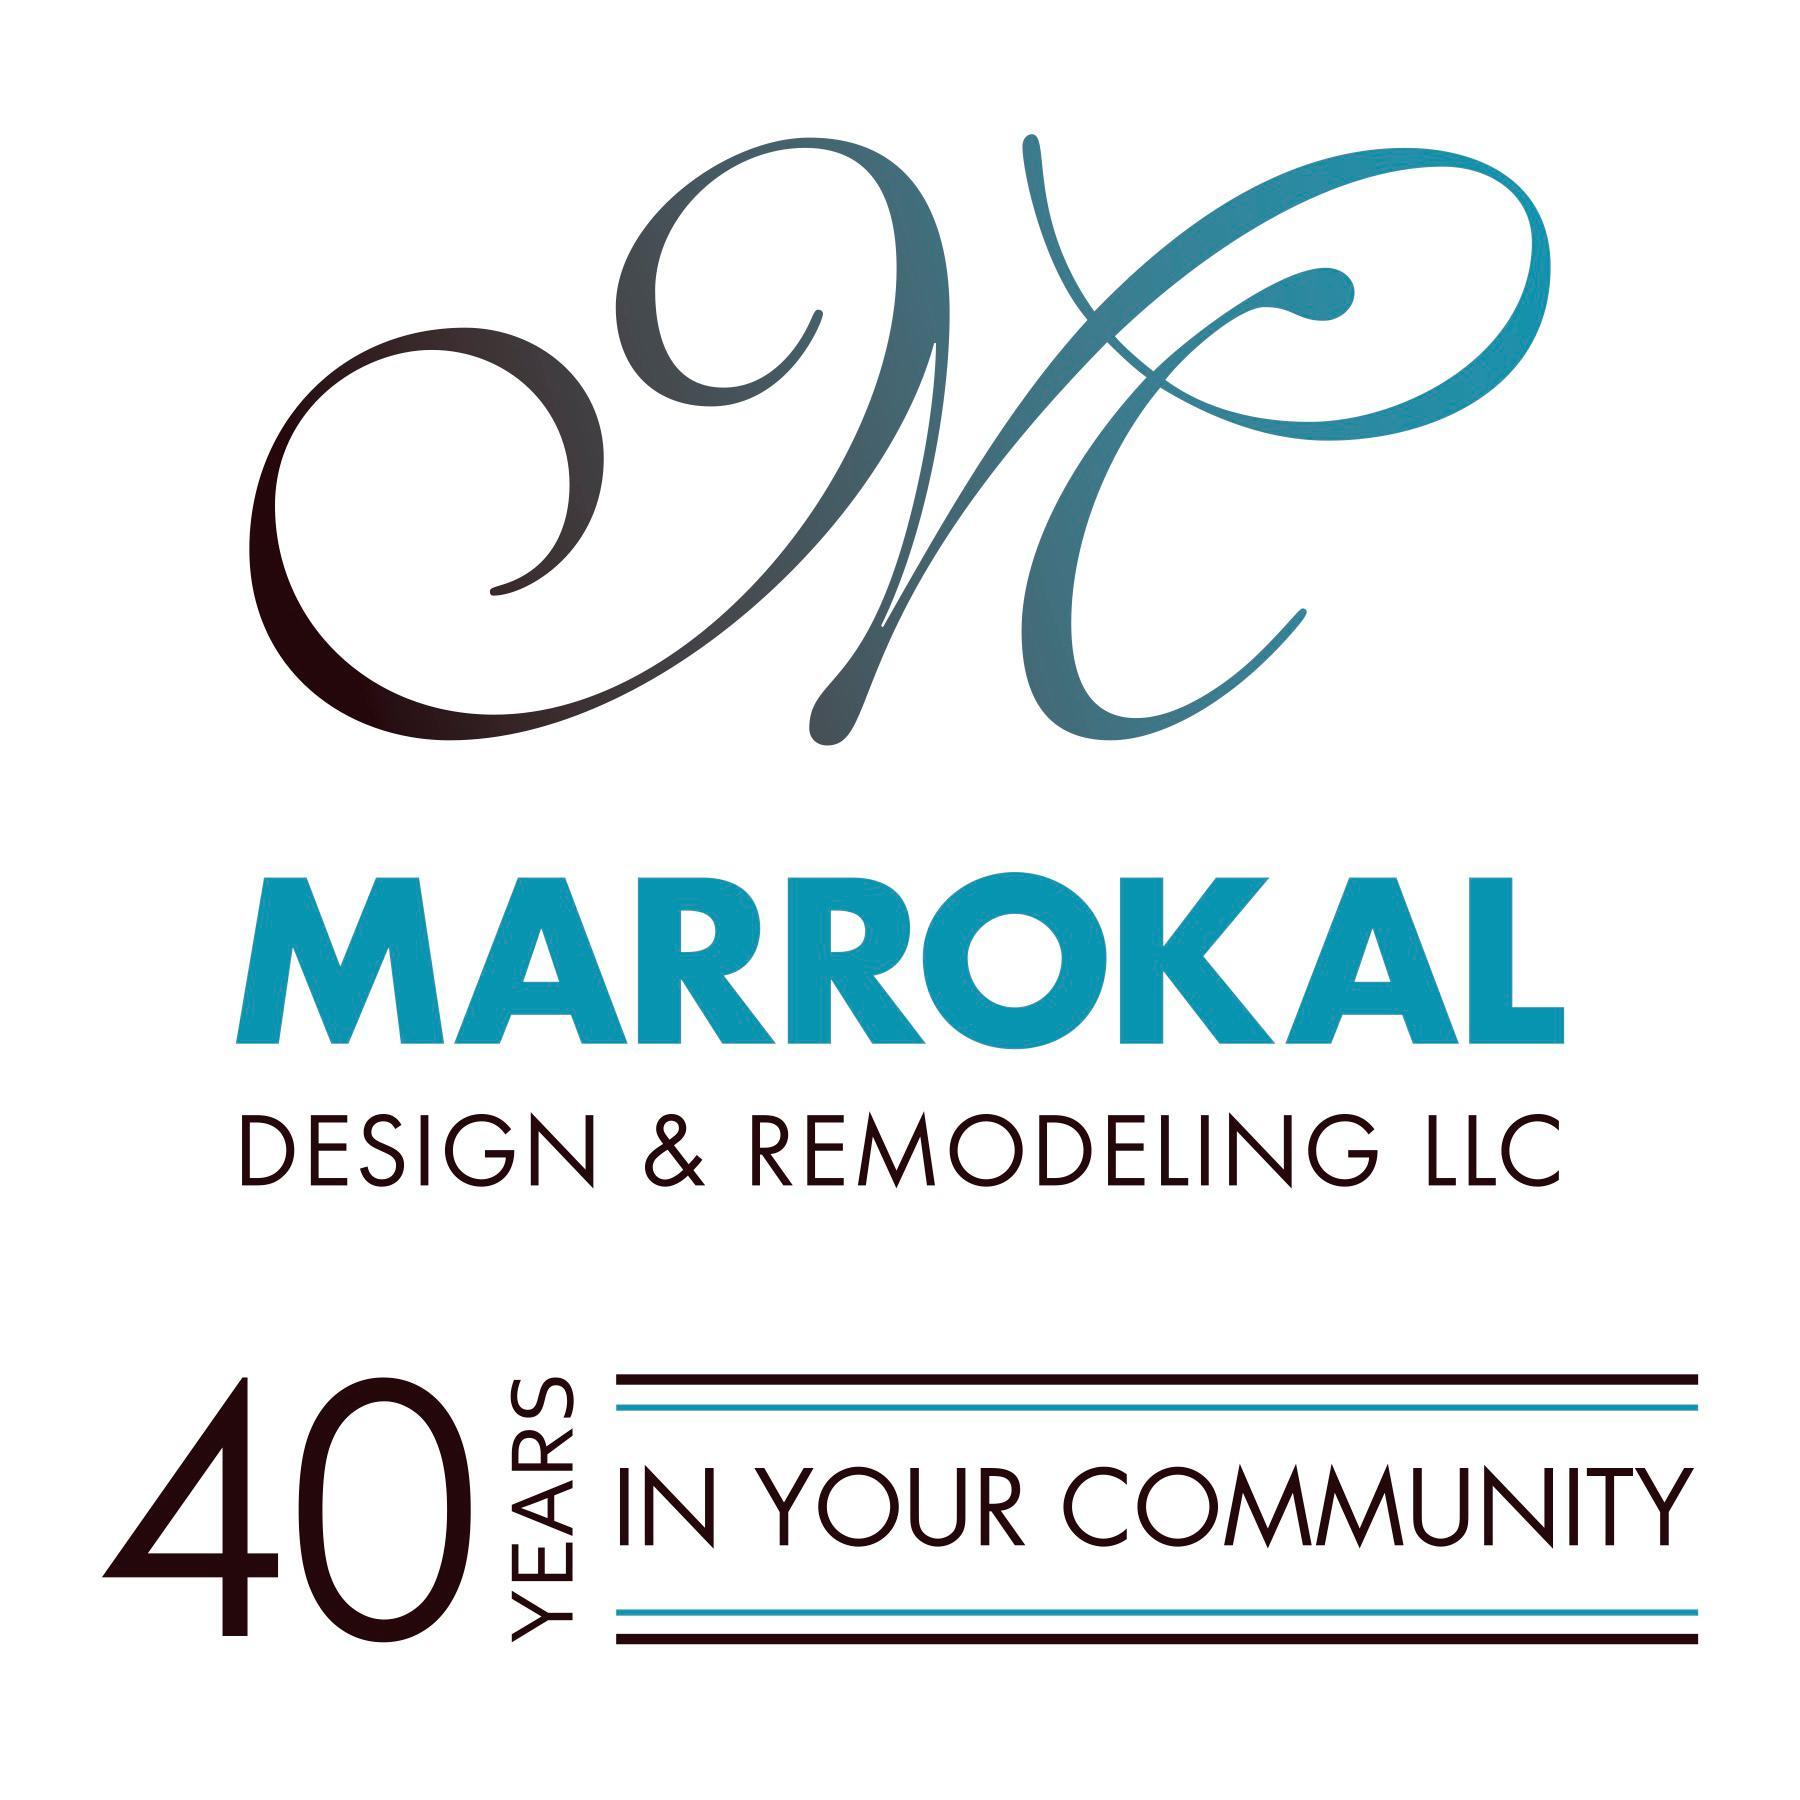 Marrokal Design and Remodeling